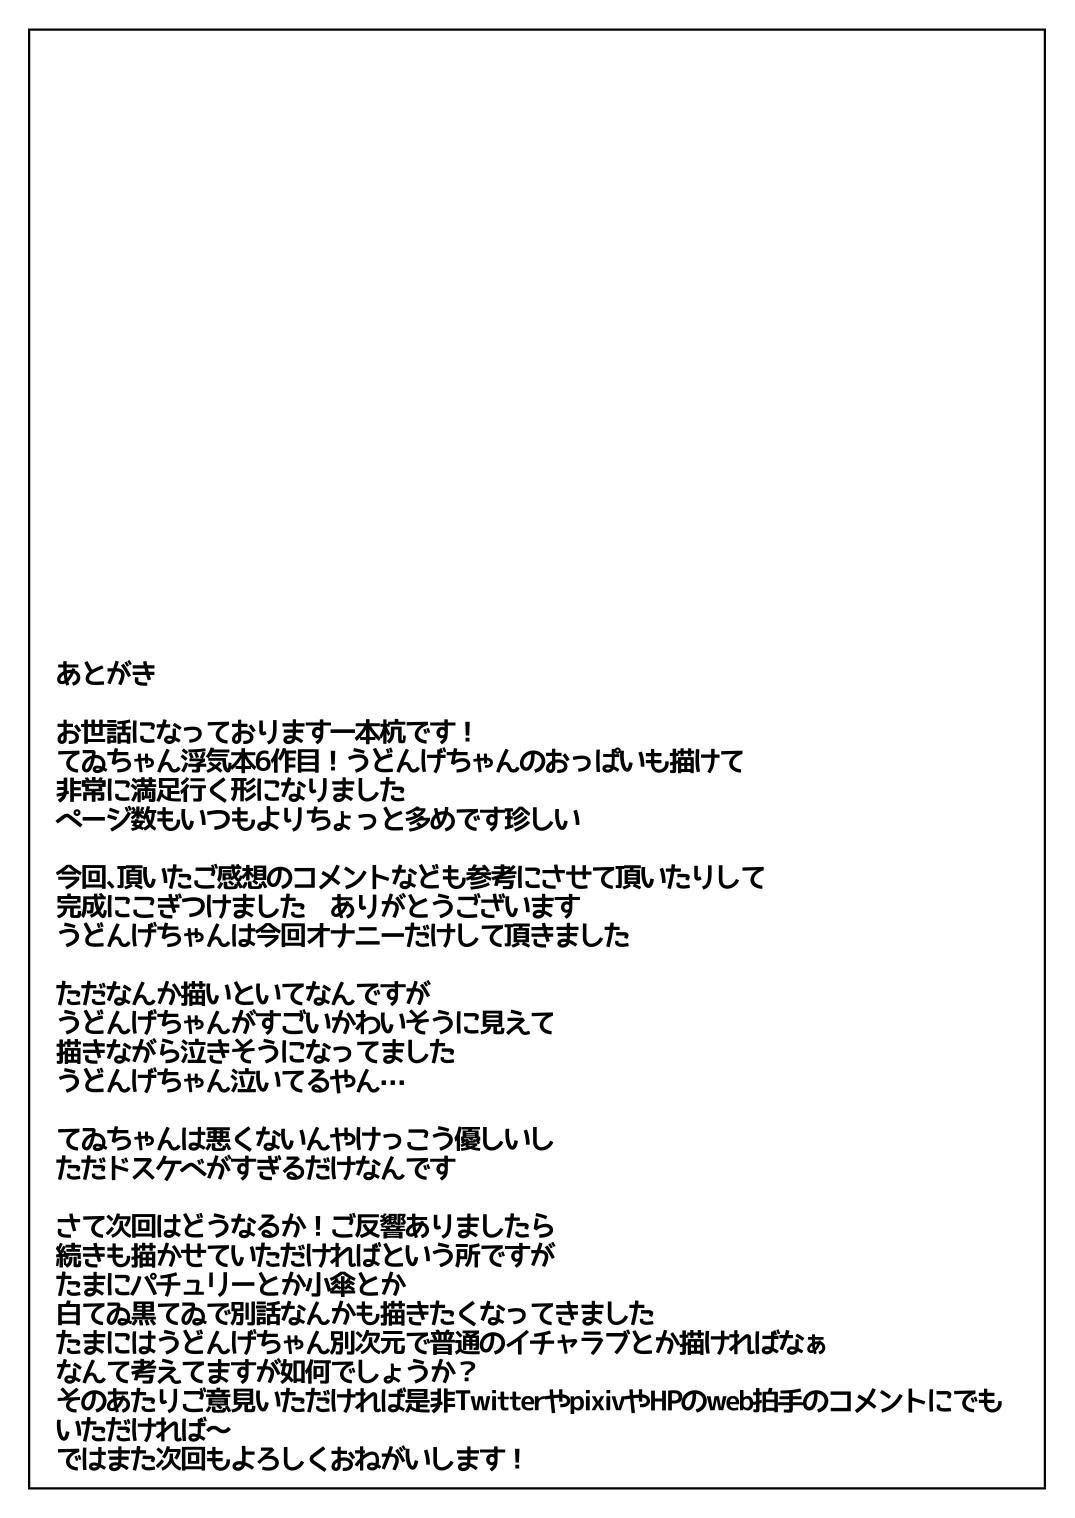 Kanojo ga Hatsujouki nanoni Uwaki Shite Tewi-chan to Sex Shita 27